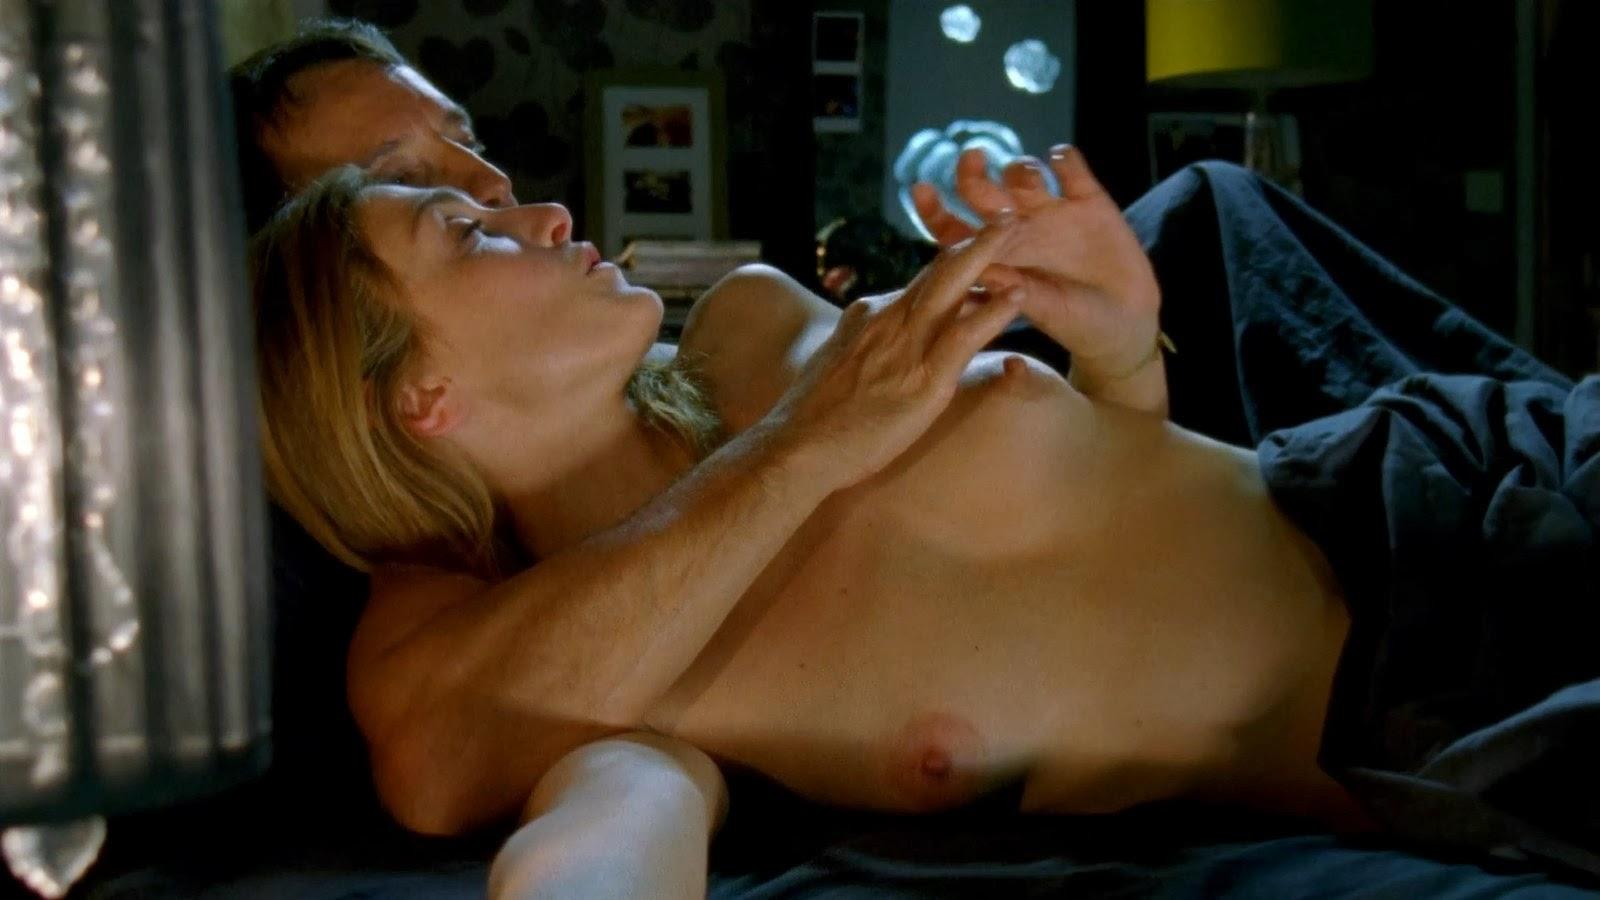 Julie gayet nude sans laisser de traces 2010